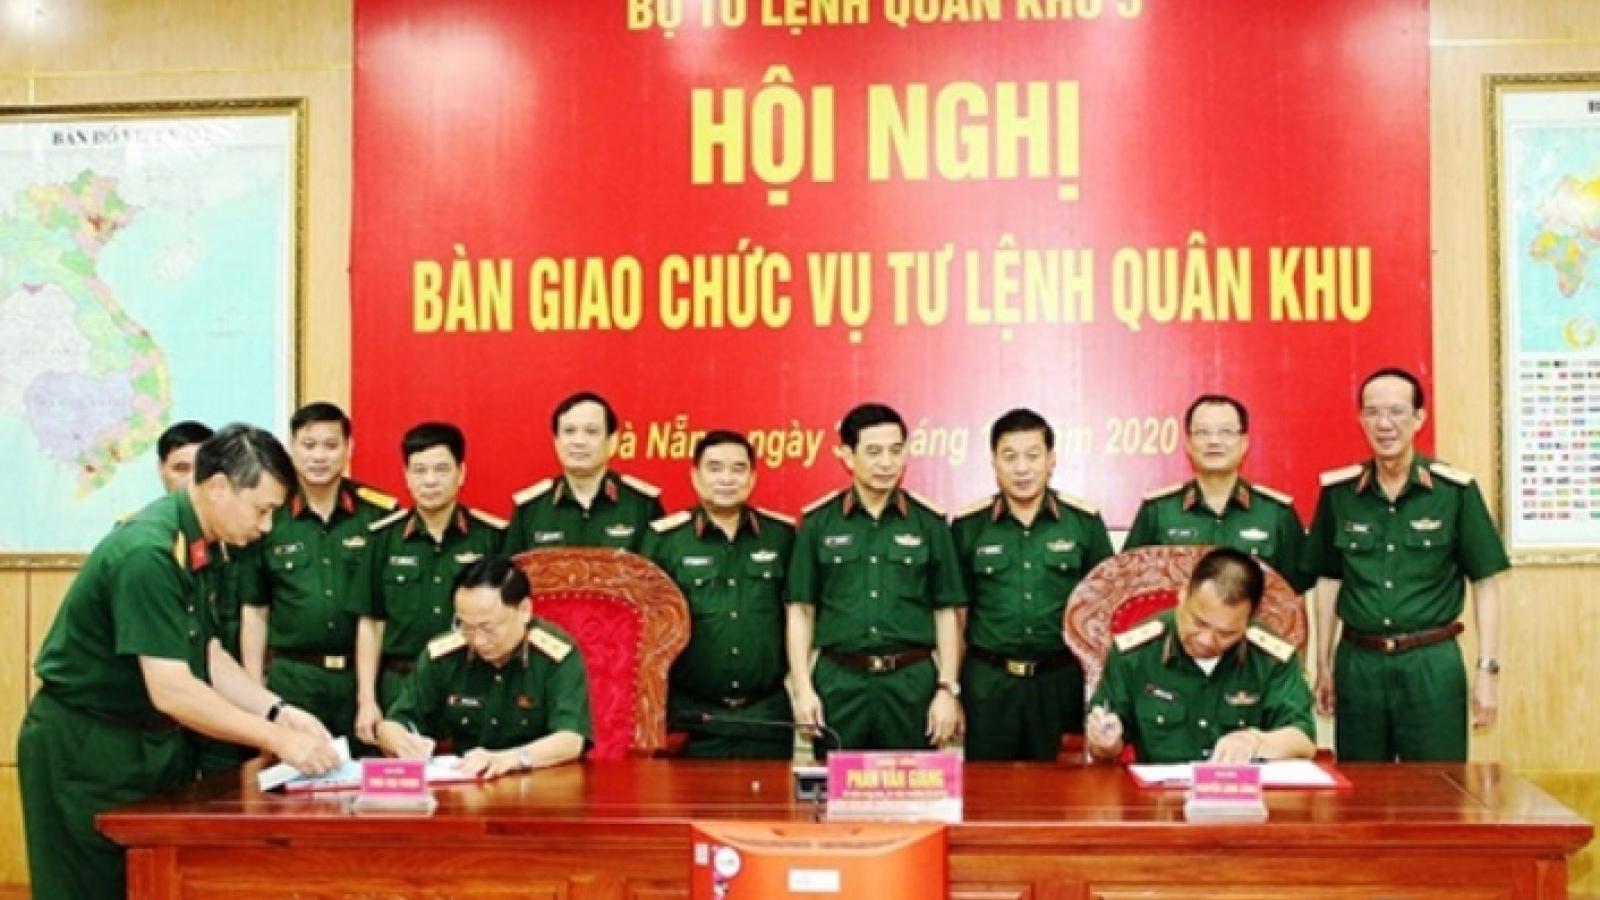 Trung tướng Thái Đại Ngọc tiếp nhận chức vụ Tư lệnh Quân khu 5